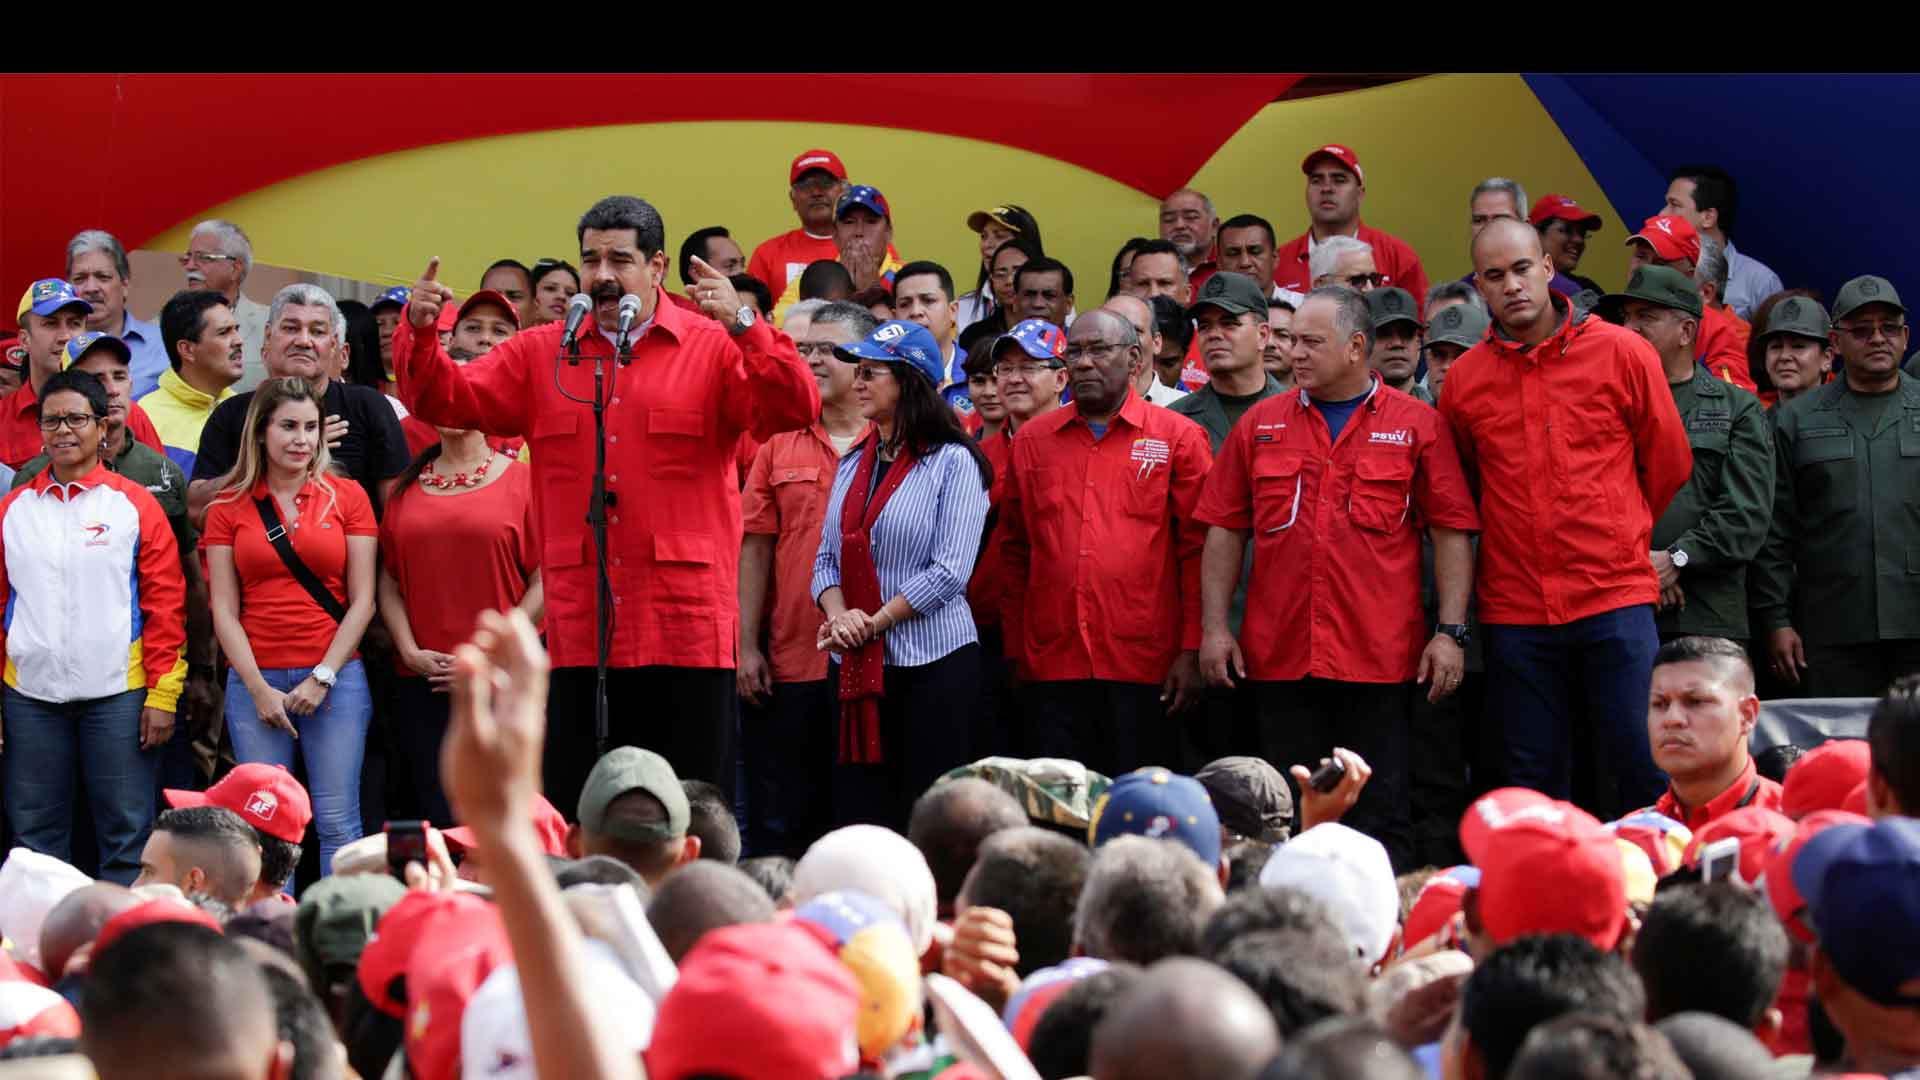 El presidente Nicolás Maduro aseguró que participará en el diálogo desde las primeras reuniones